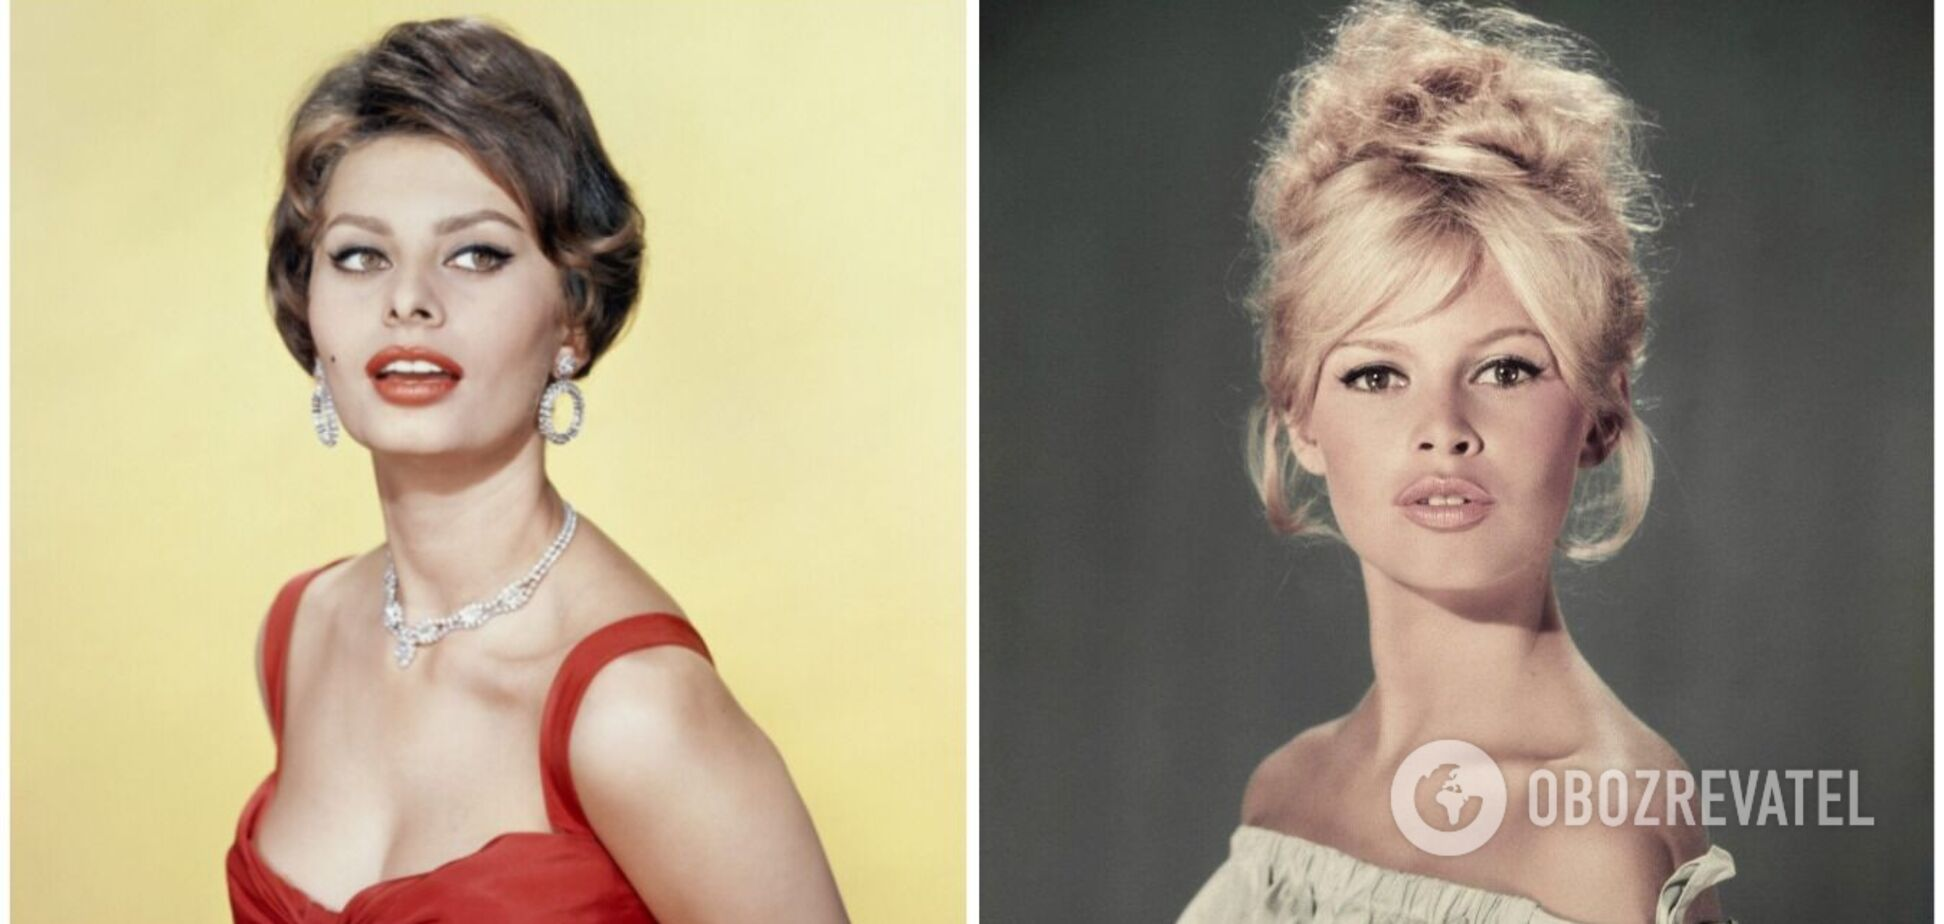 Внучки Бріжіт Бардо, Софі Лорен та інших кінозірок ХХ століття: як виглядають зараз